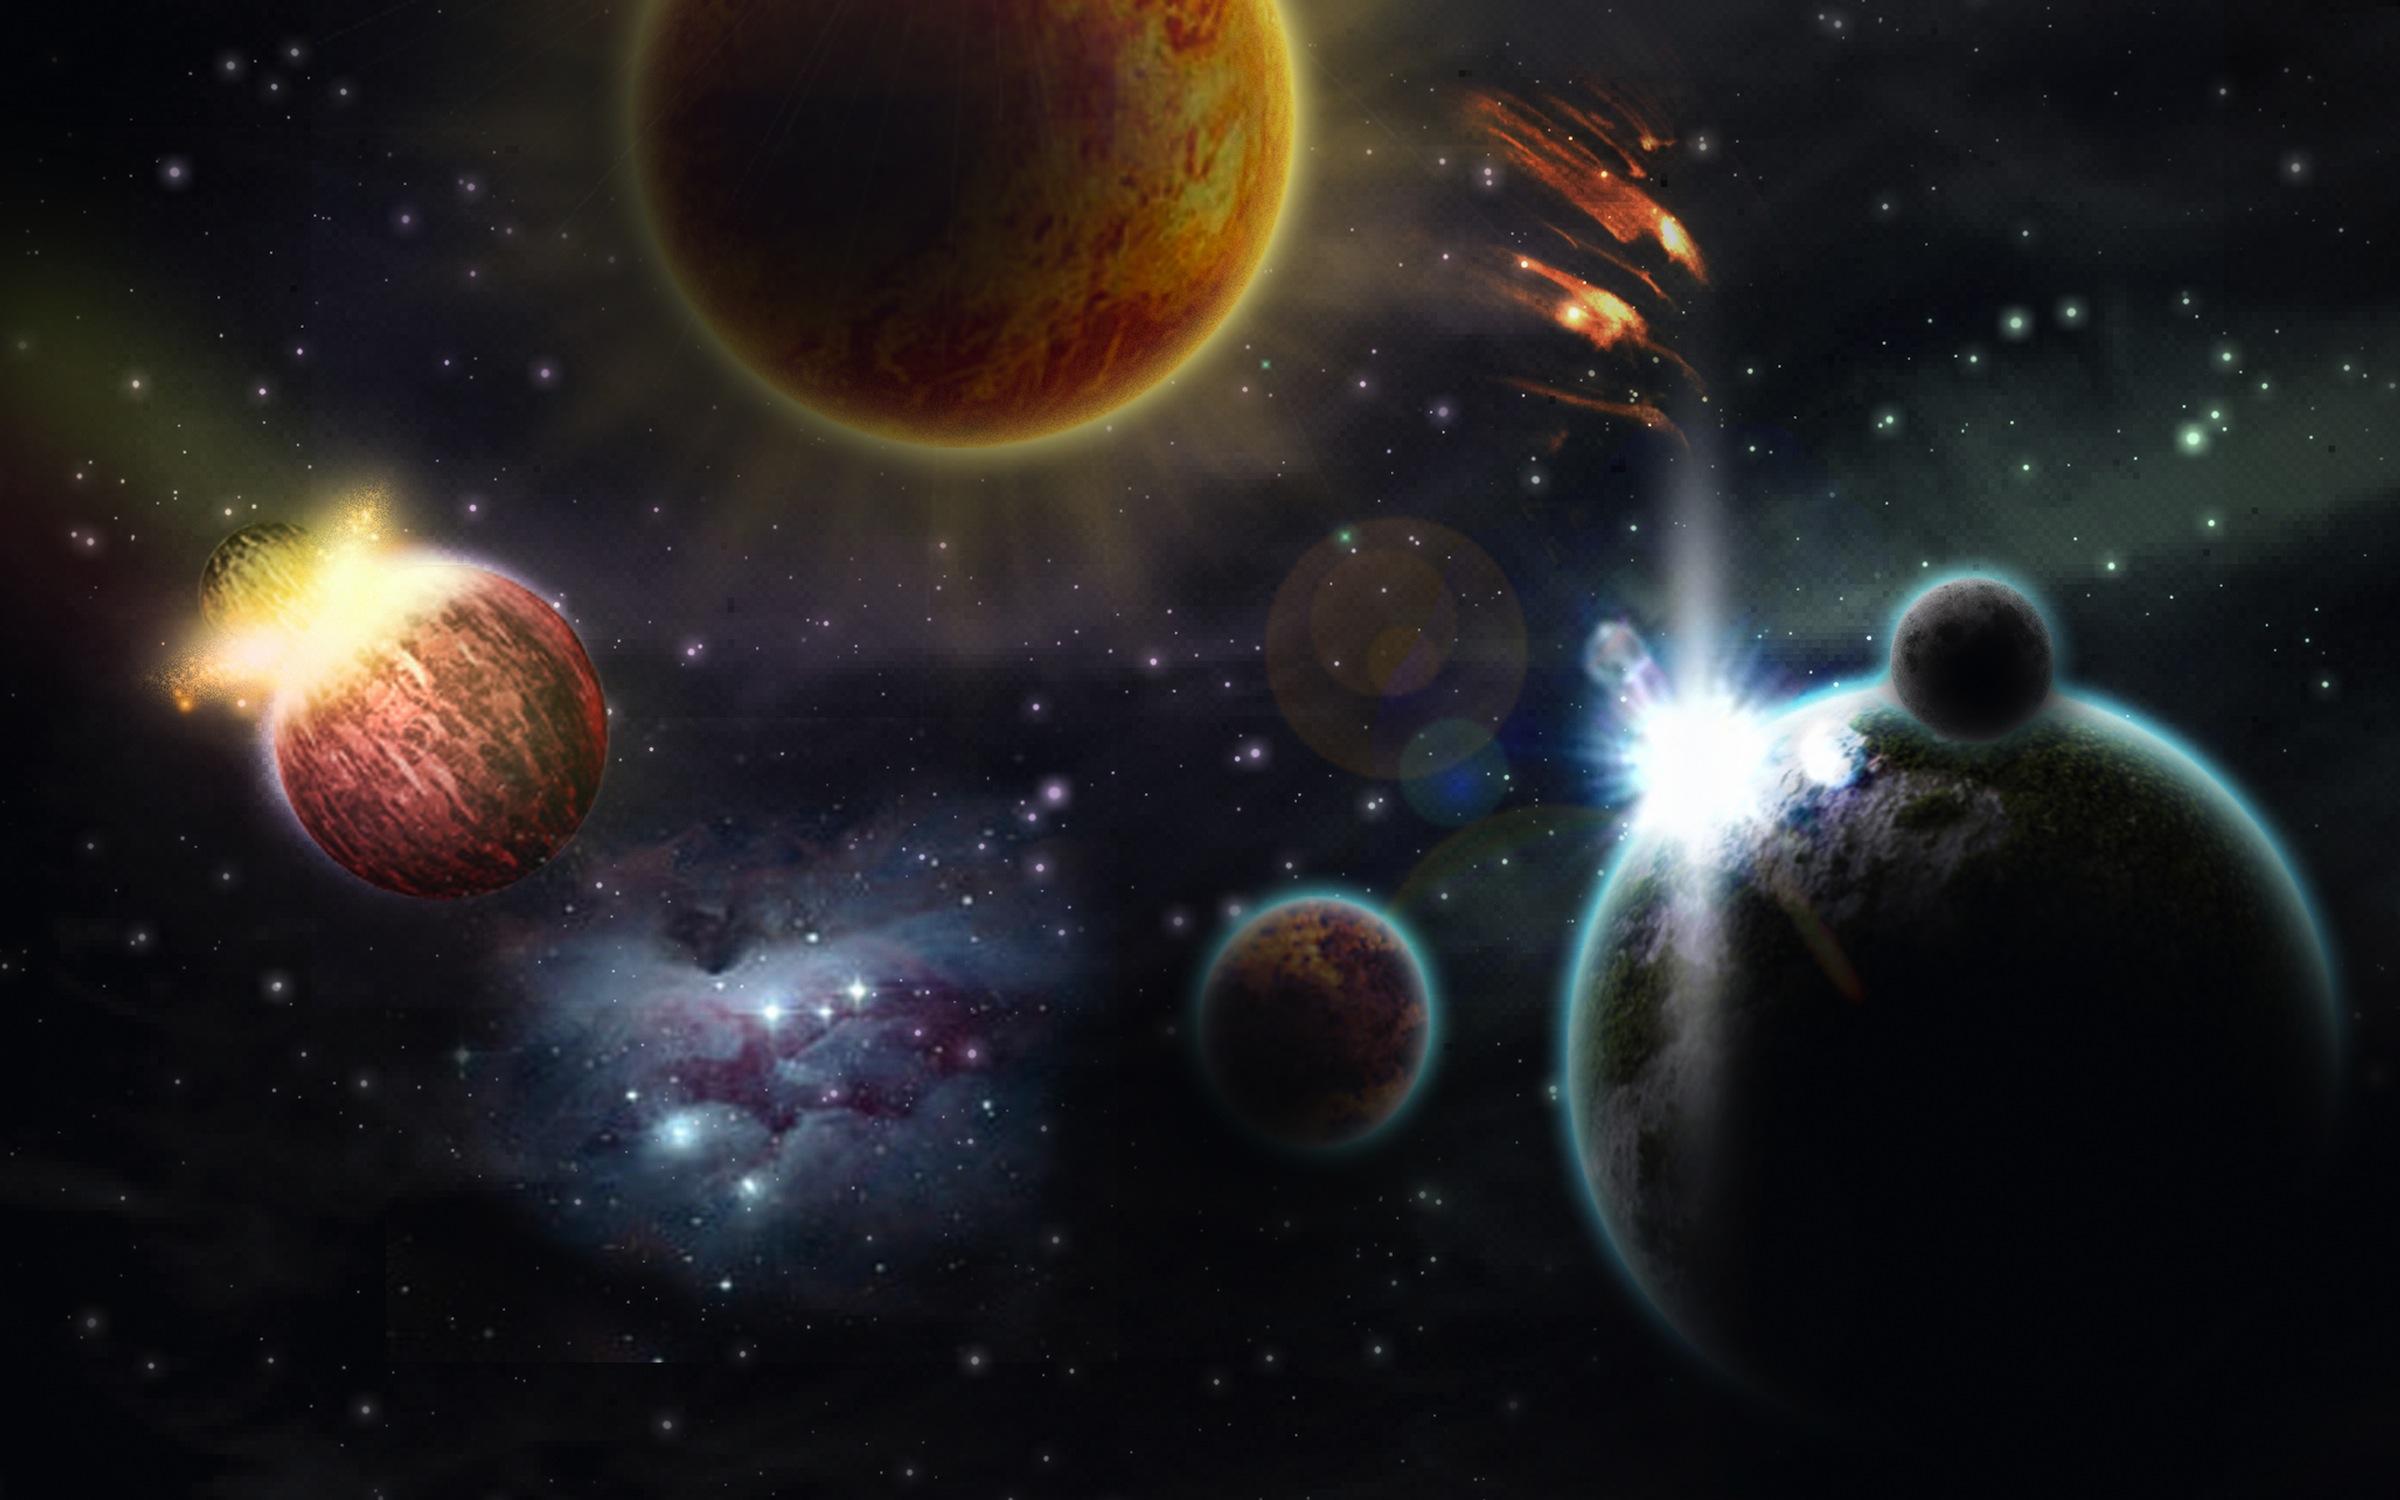 hspc0001-uzay-resmi-duvar-kagidi-ev-dekorasyon-galaksi-sistemi